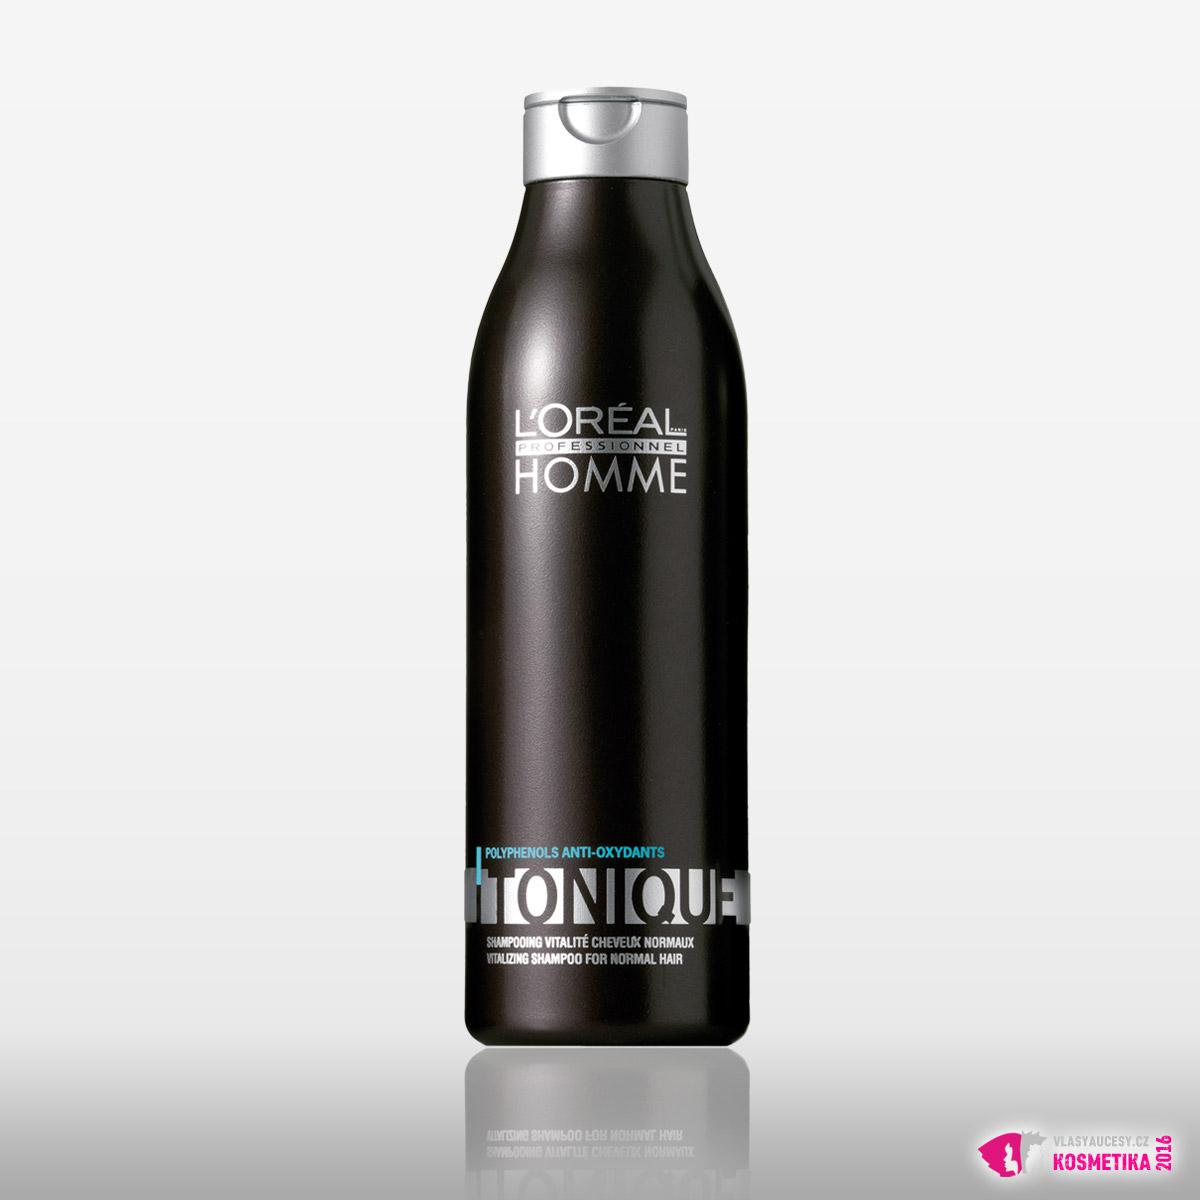 Šampon Tonique od L'Oréal Professionnel Homme / 250ml, 249 Kč / 9,90 €